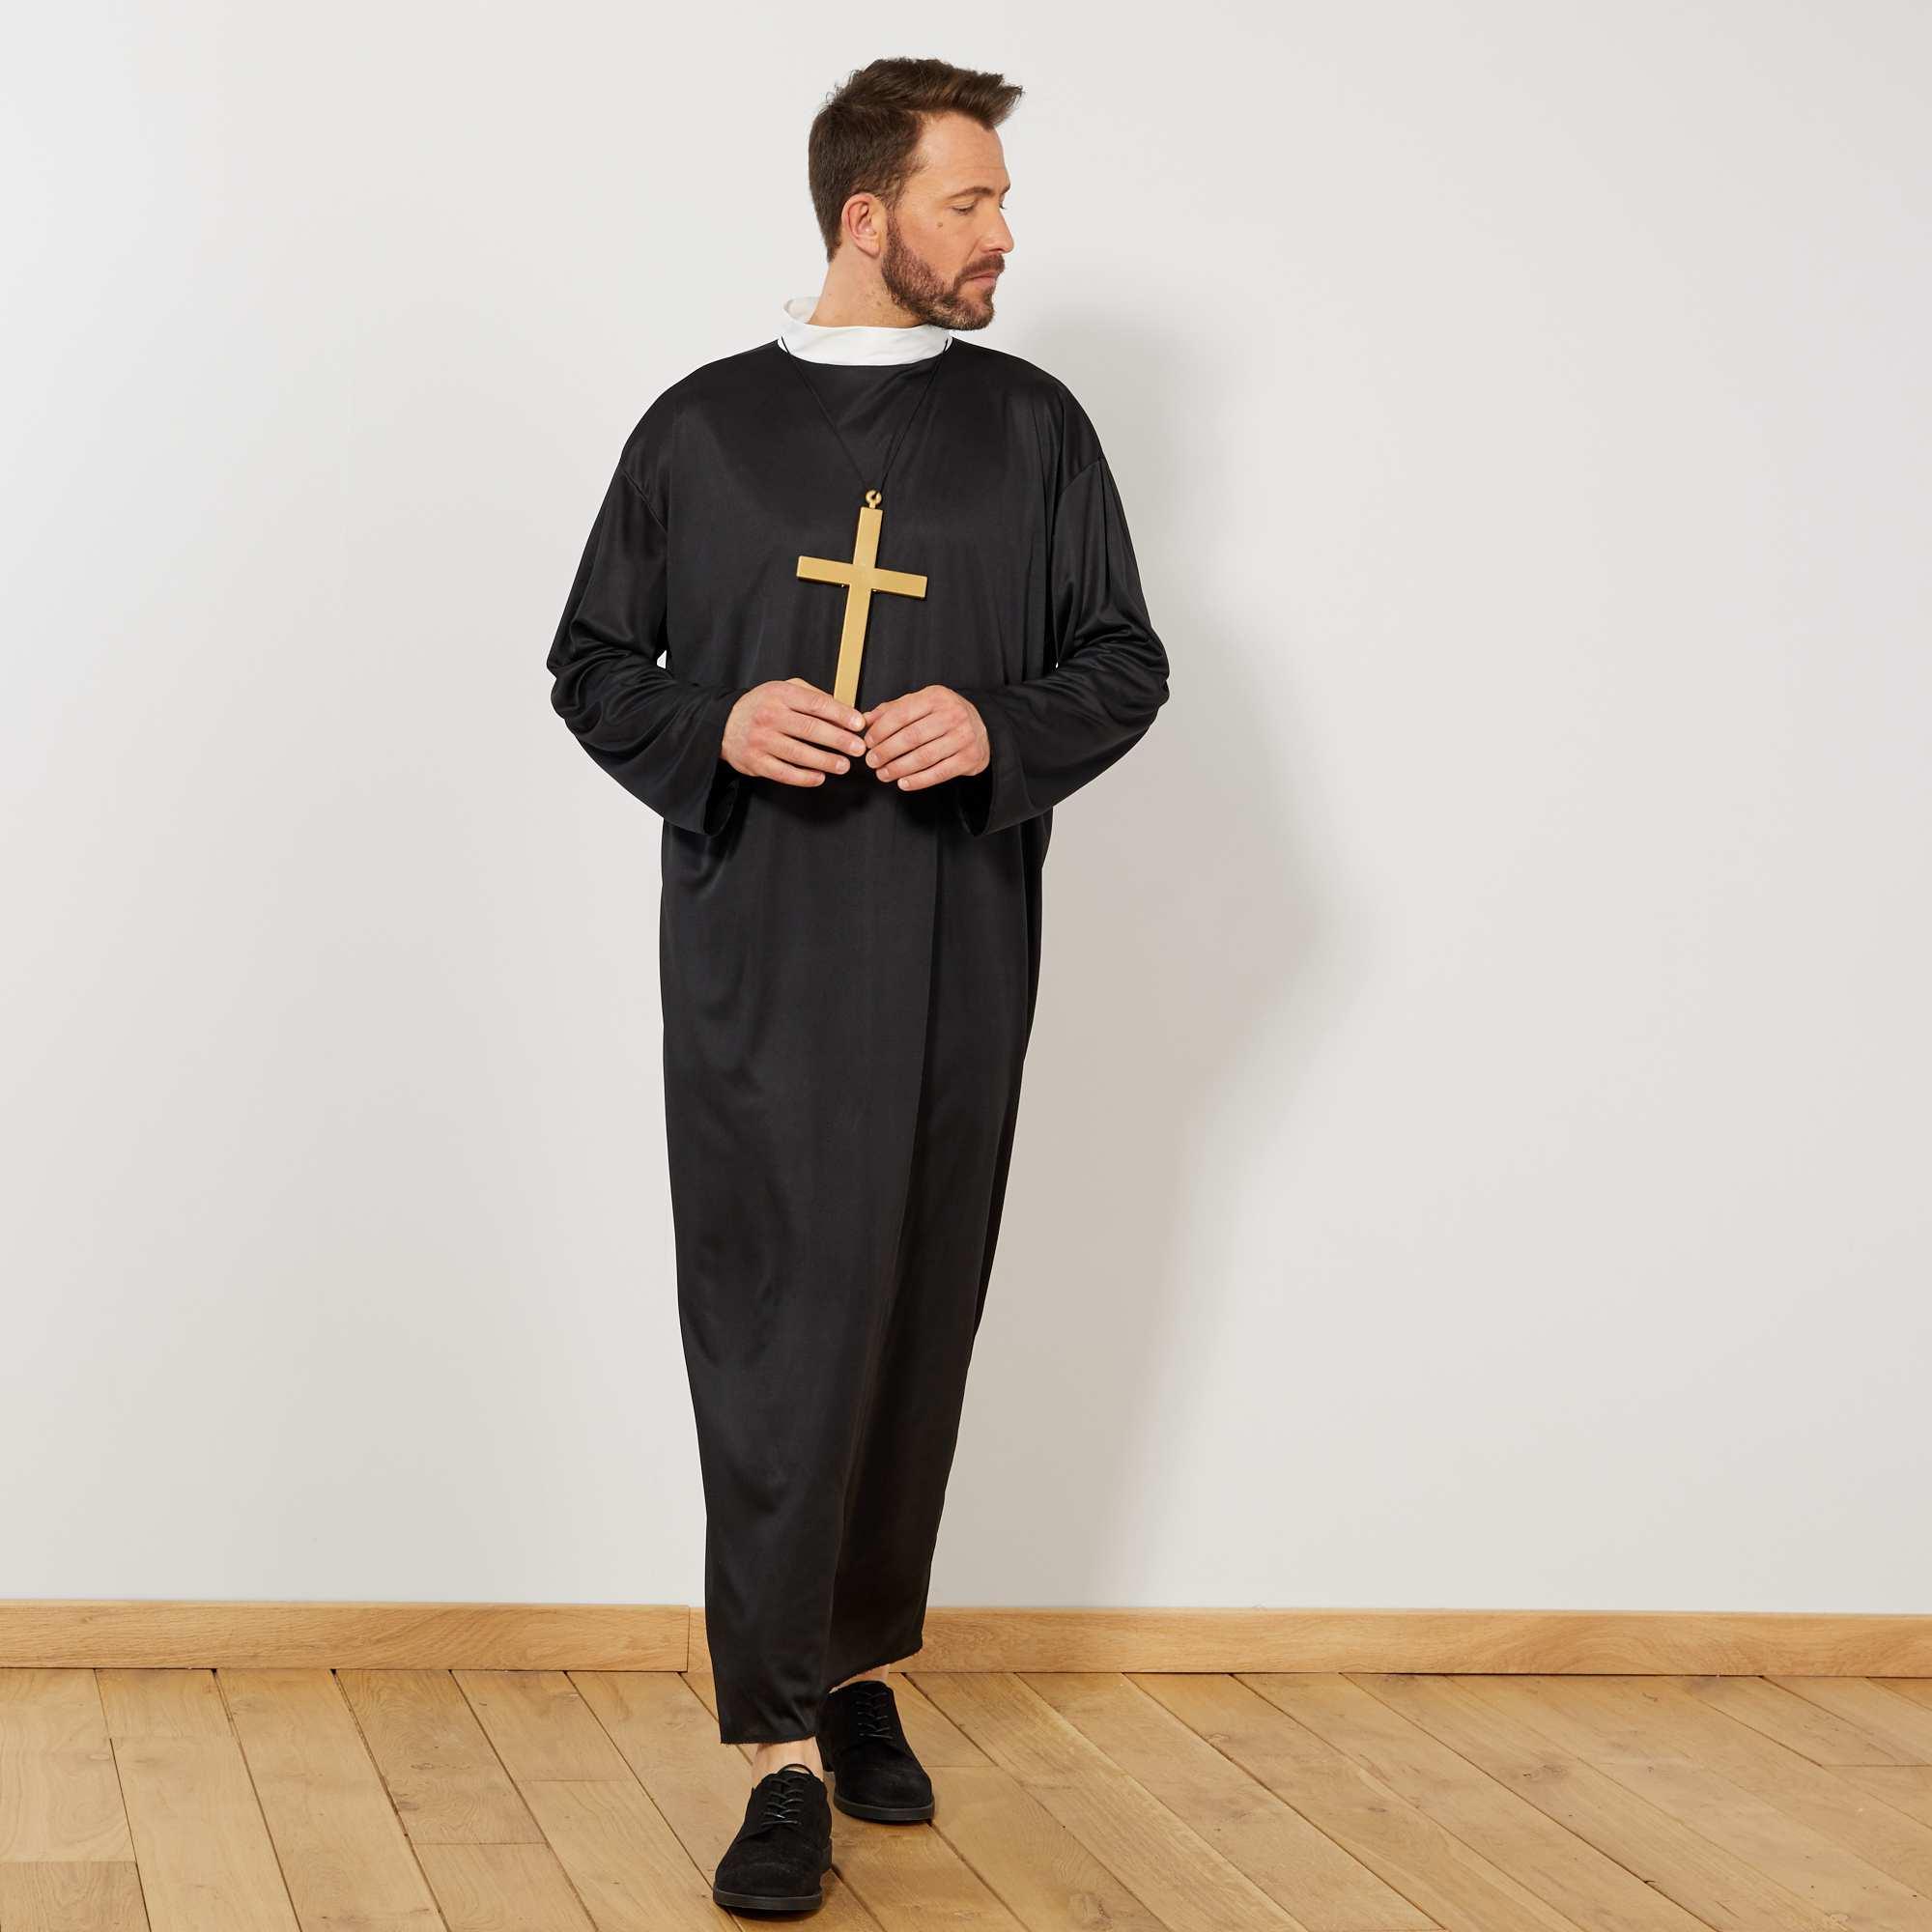 Couleur : noir, , ,, - Taille : M/L, , ,,Entrez dans les ordres le temps d'une soirée costumée avec le déguisement de curé ! Le